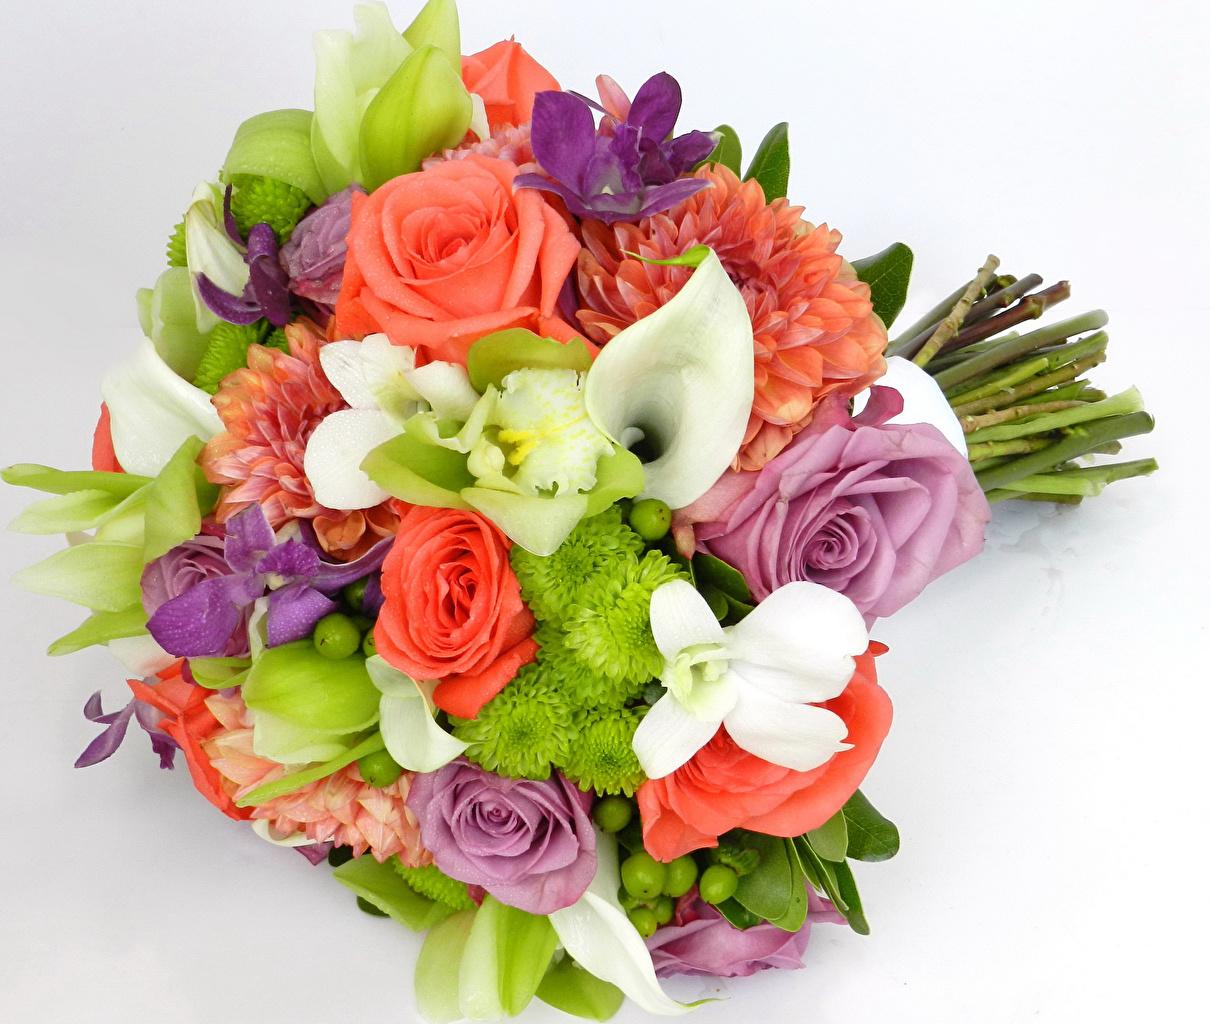 Картинки Букеты роза Каллы Орхидеи Цветы Георгины Хризантемы белом фоне букет Розы орхидея белокрыльник цветок Белый фон белым фоном